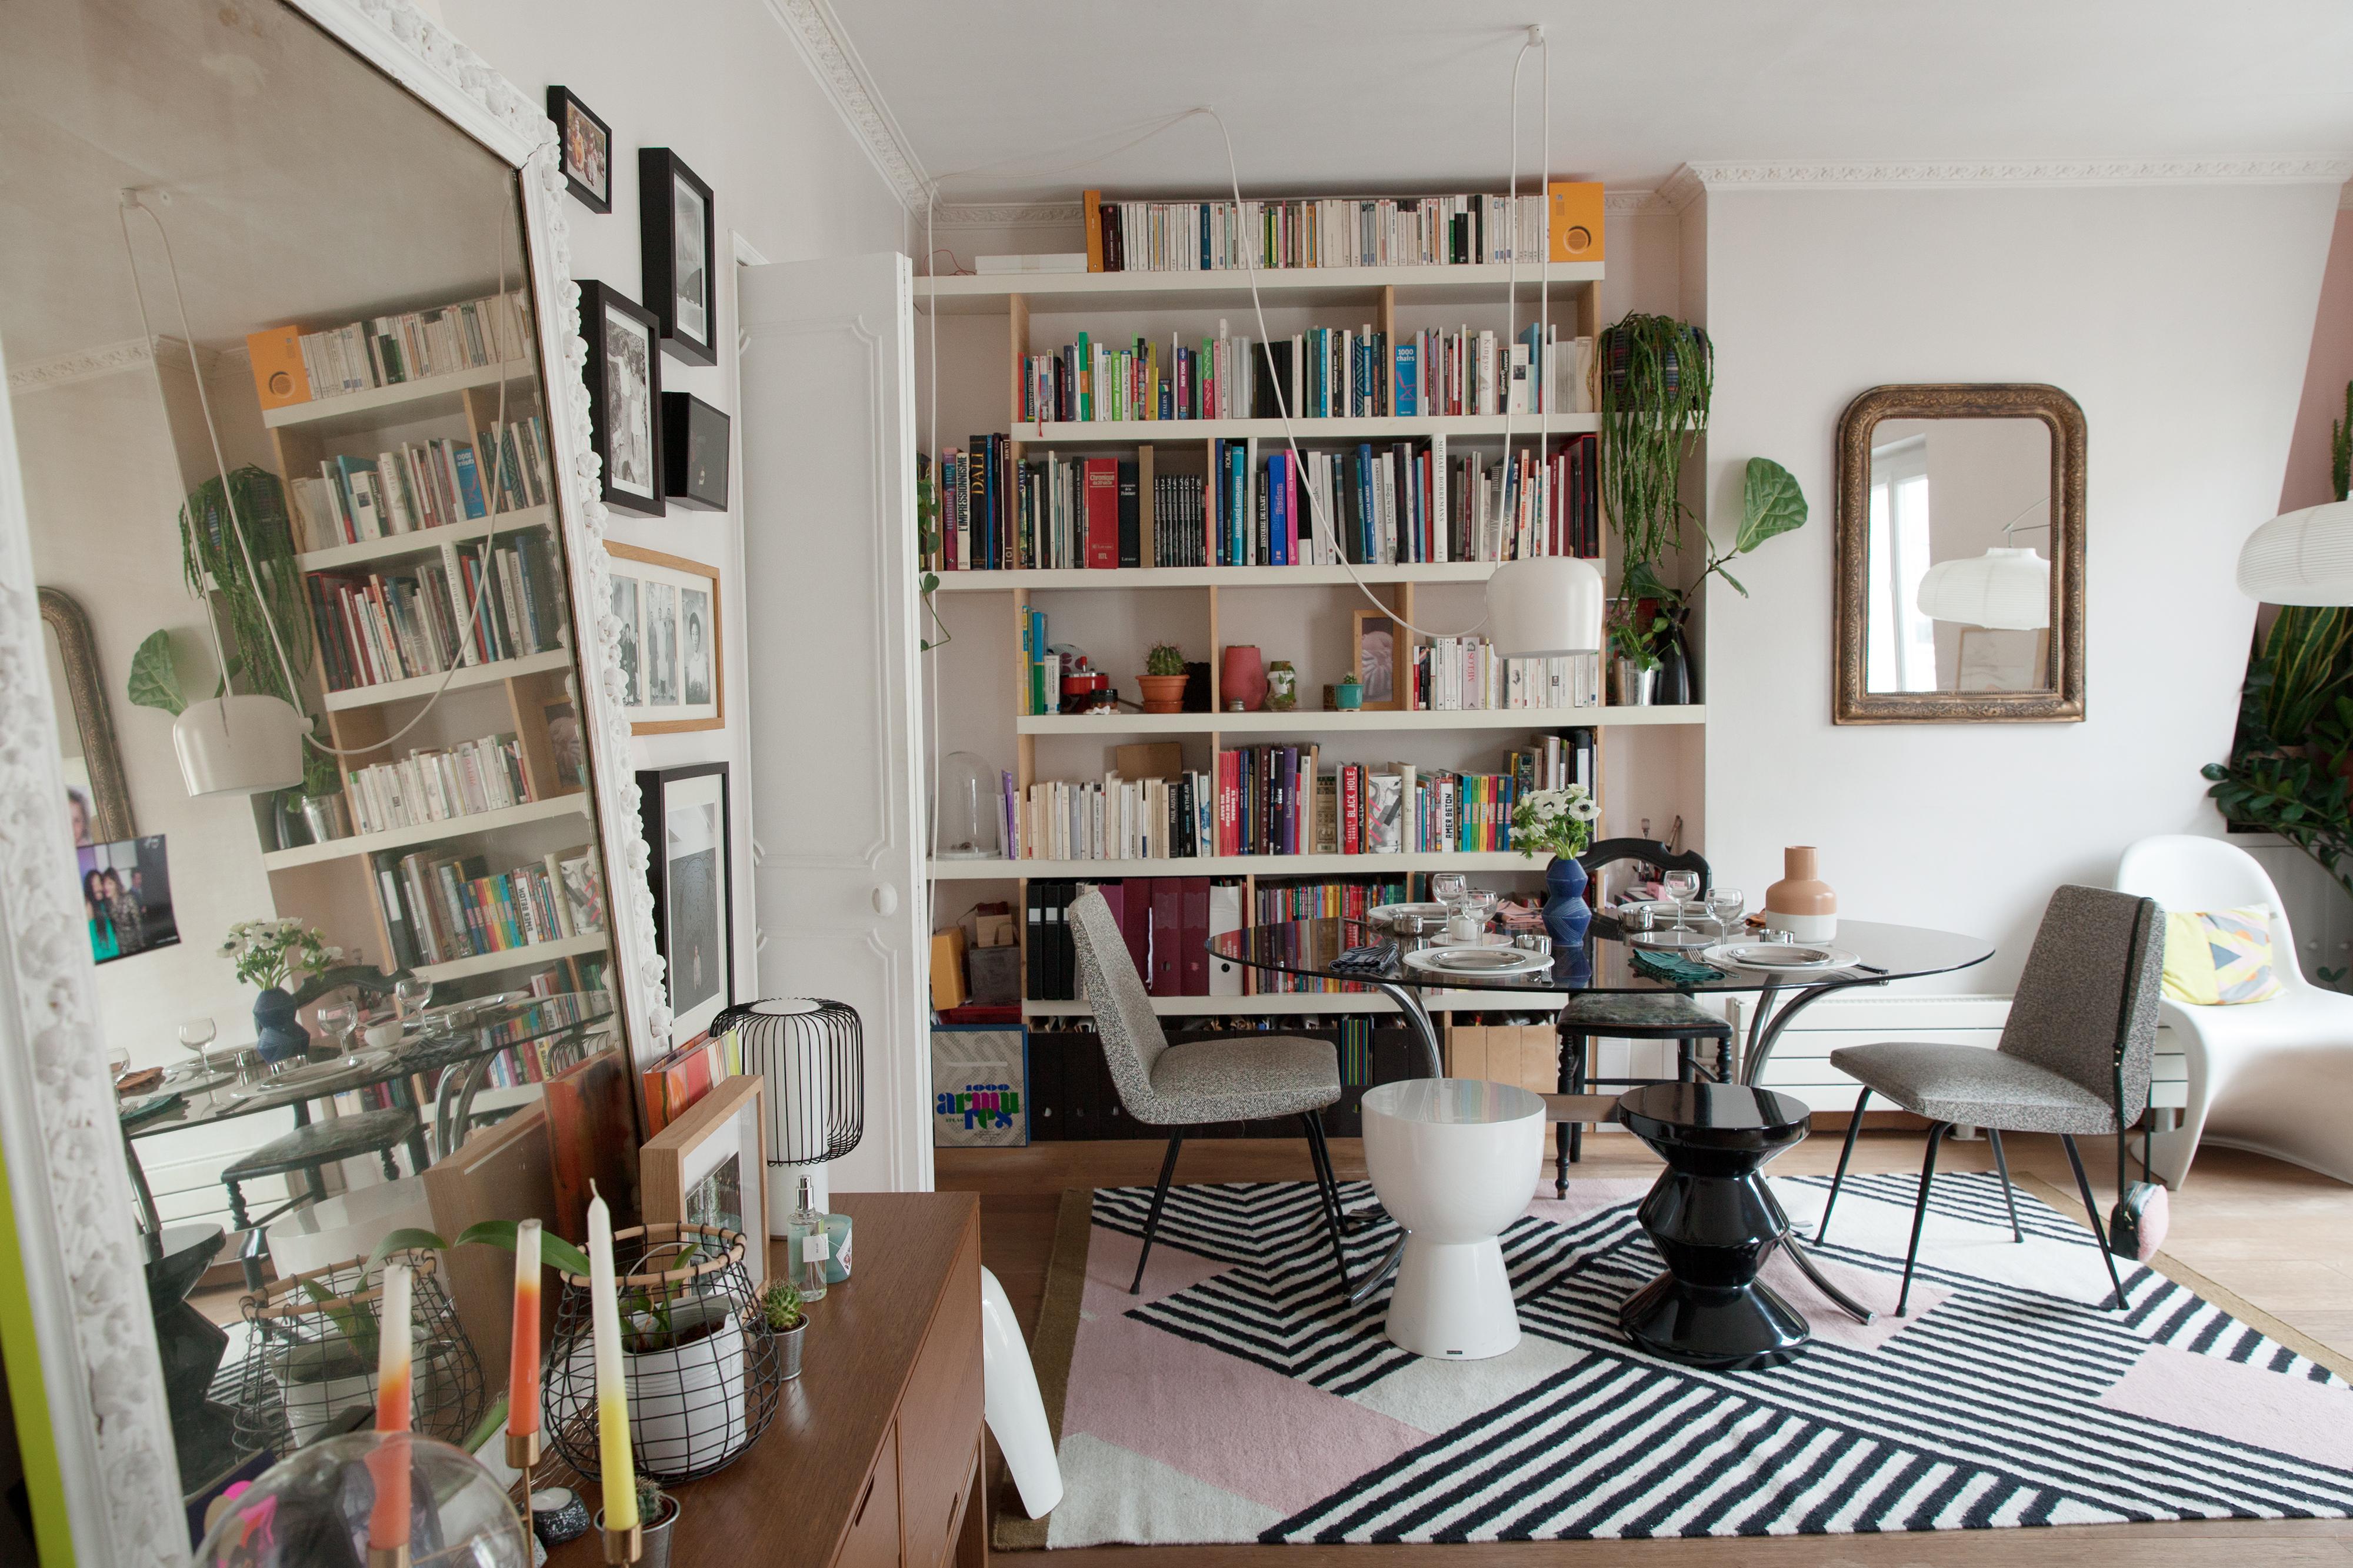 El Design Paris | Chouquettes Episode 25 Elsa Poux The Socialite Family